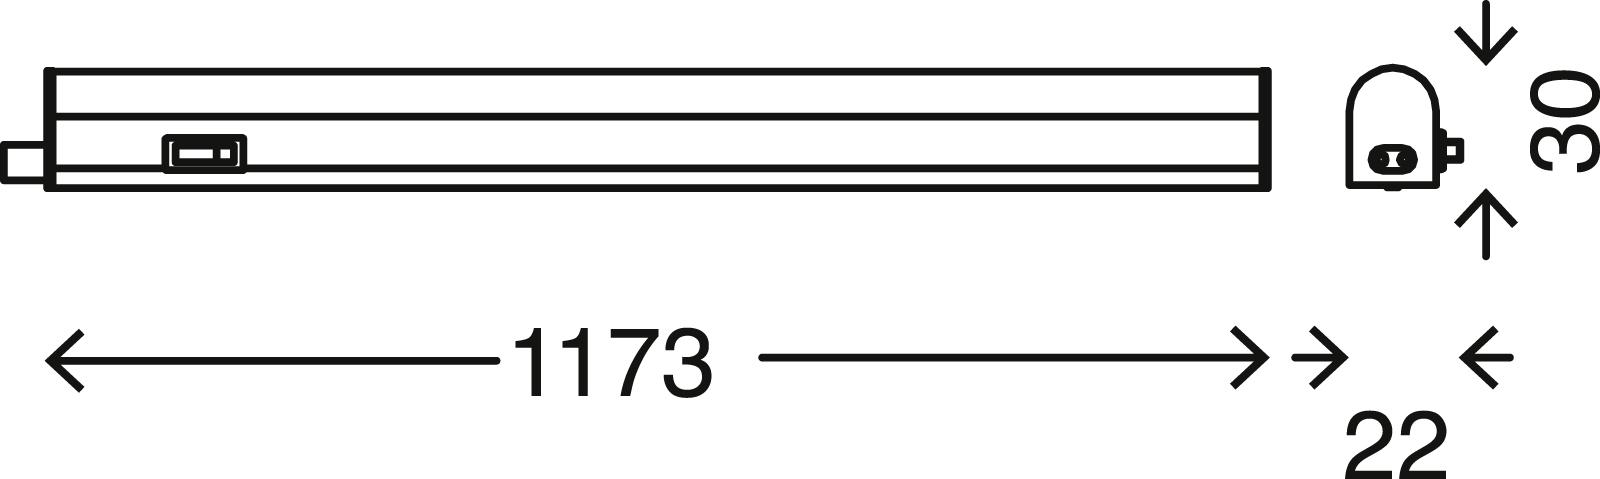 TELEFUNKEN LED Unterbauleuchte, 117,3 cm, 14 W, Weiss